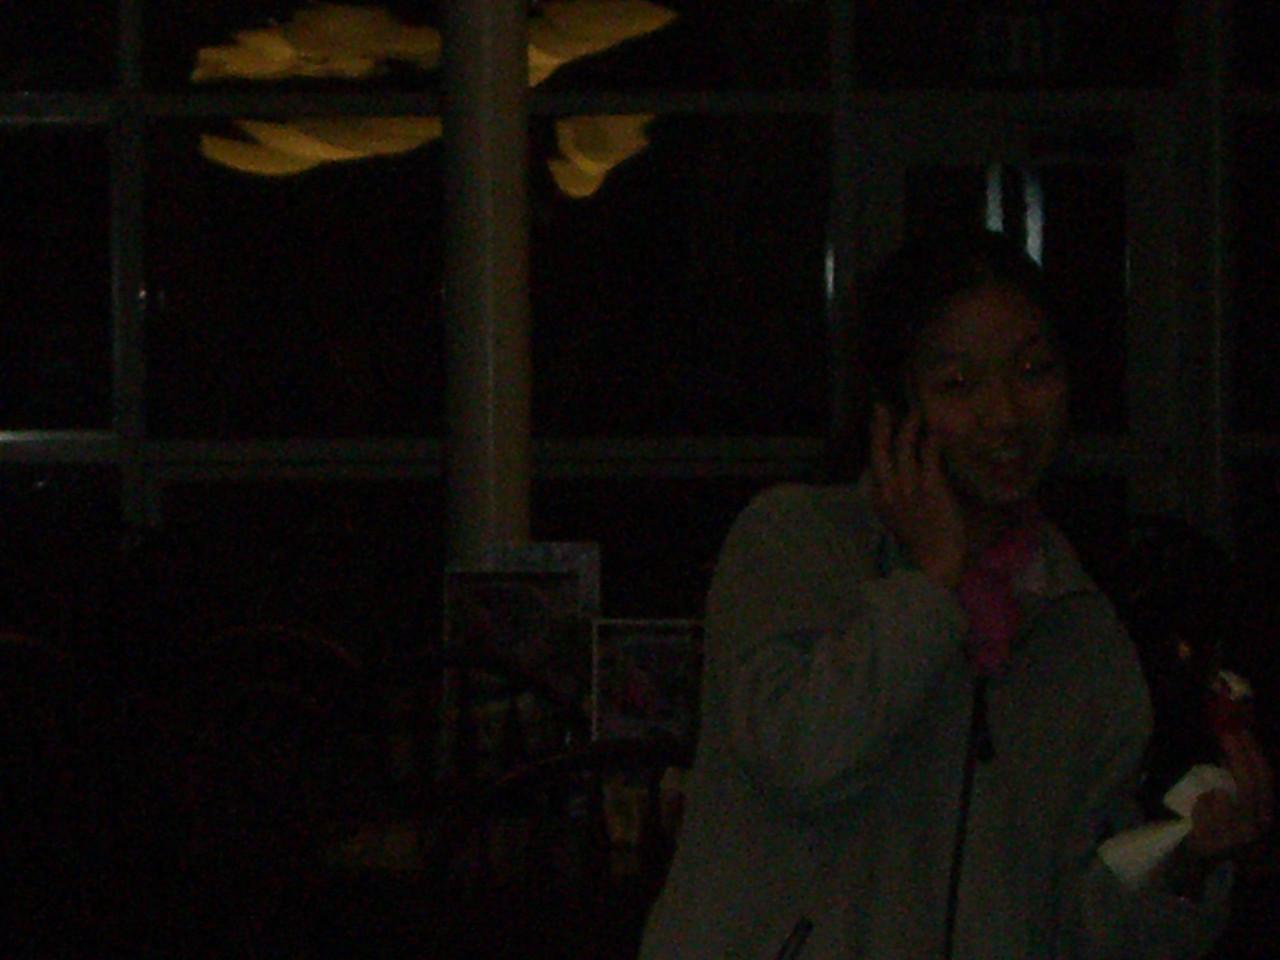 2006 02 13 Mon - Booty call de Jenny Alyono